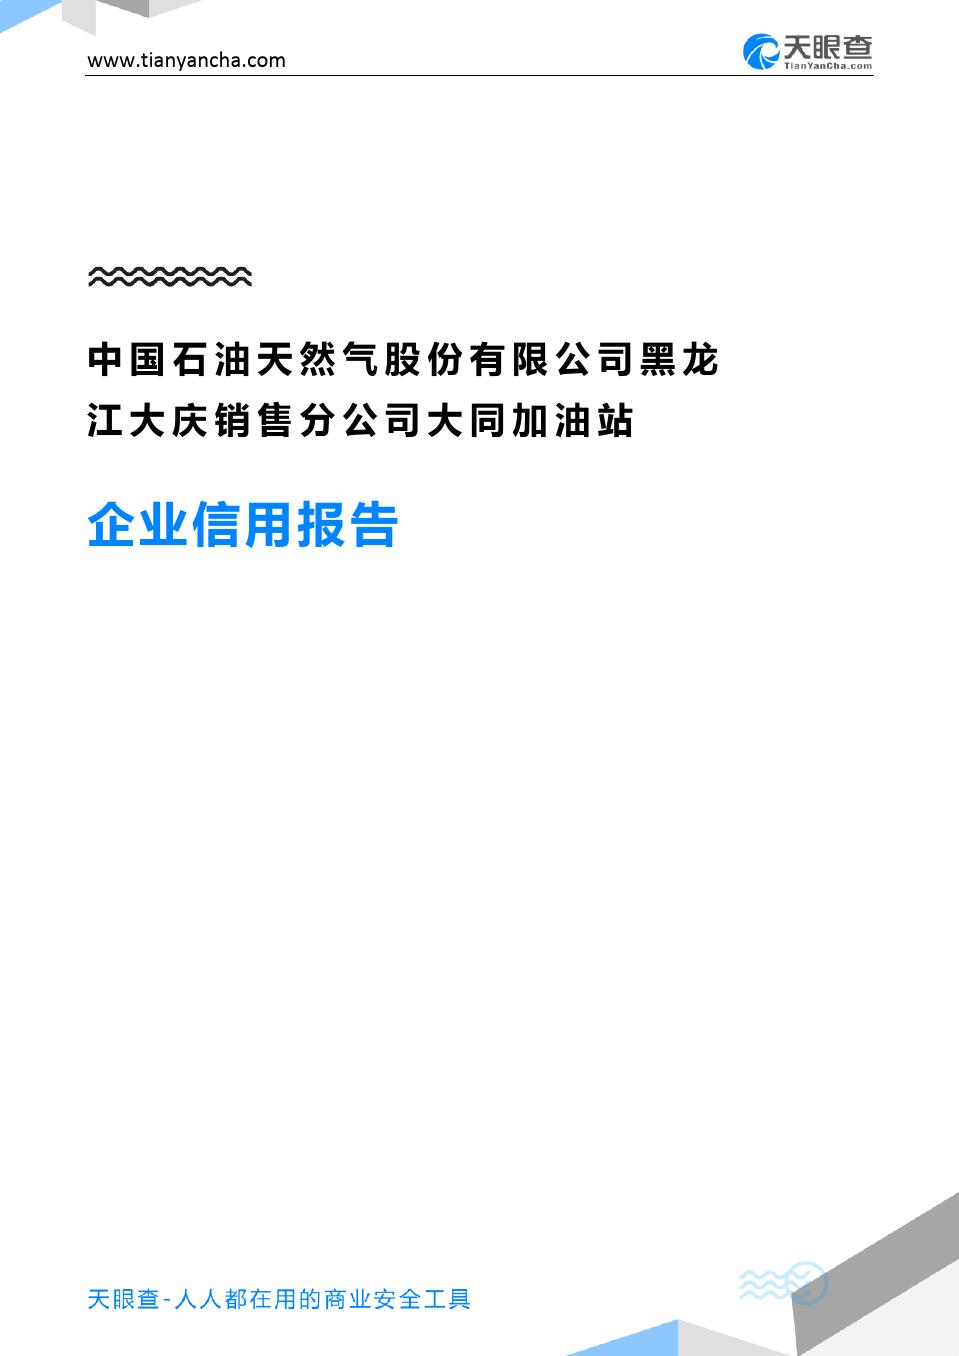 中国石油天然气股份有限公司黑龙江大庆销售分公司大同加油站企业信用报告-天眼查